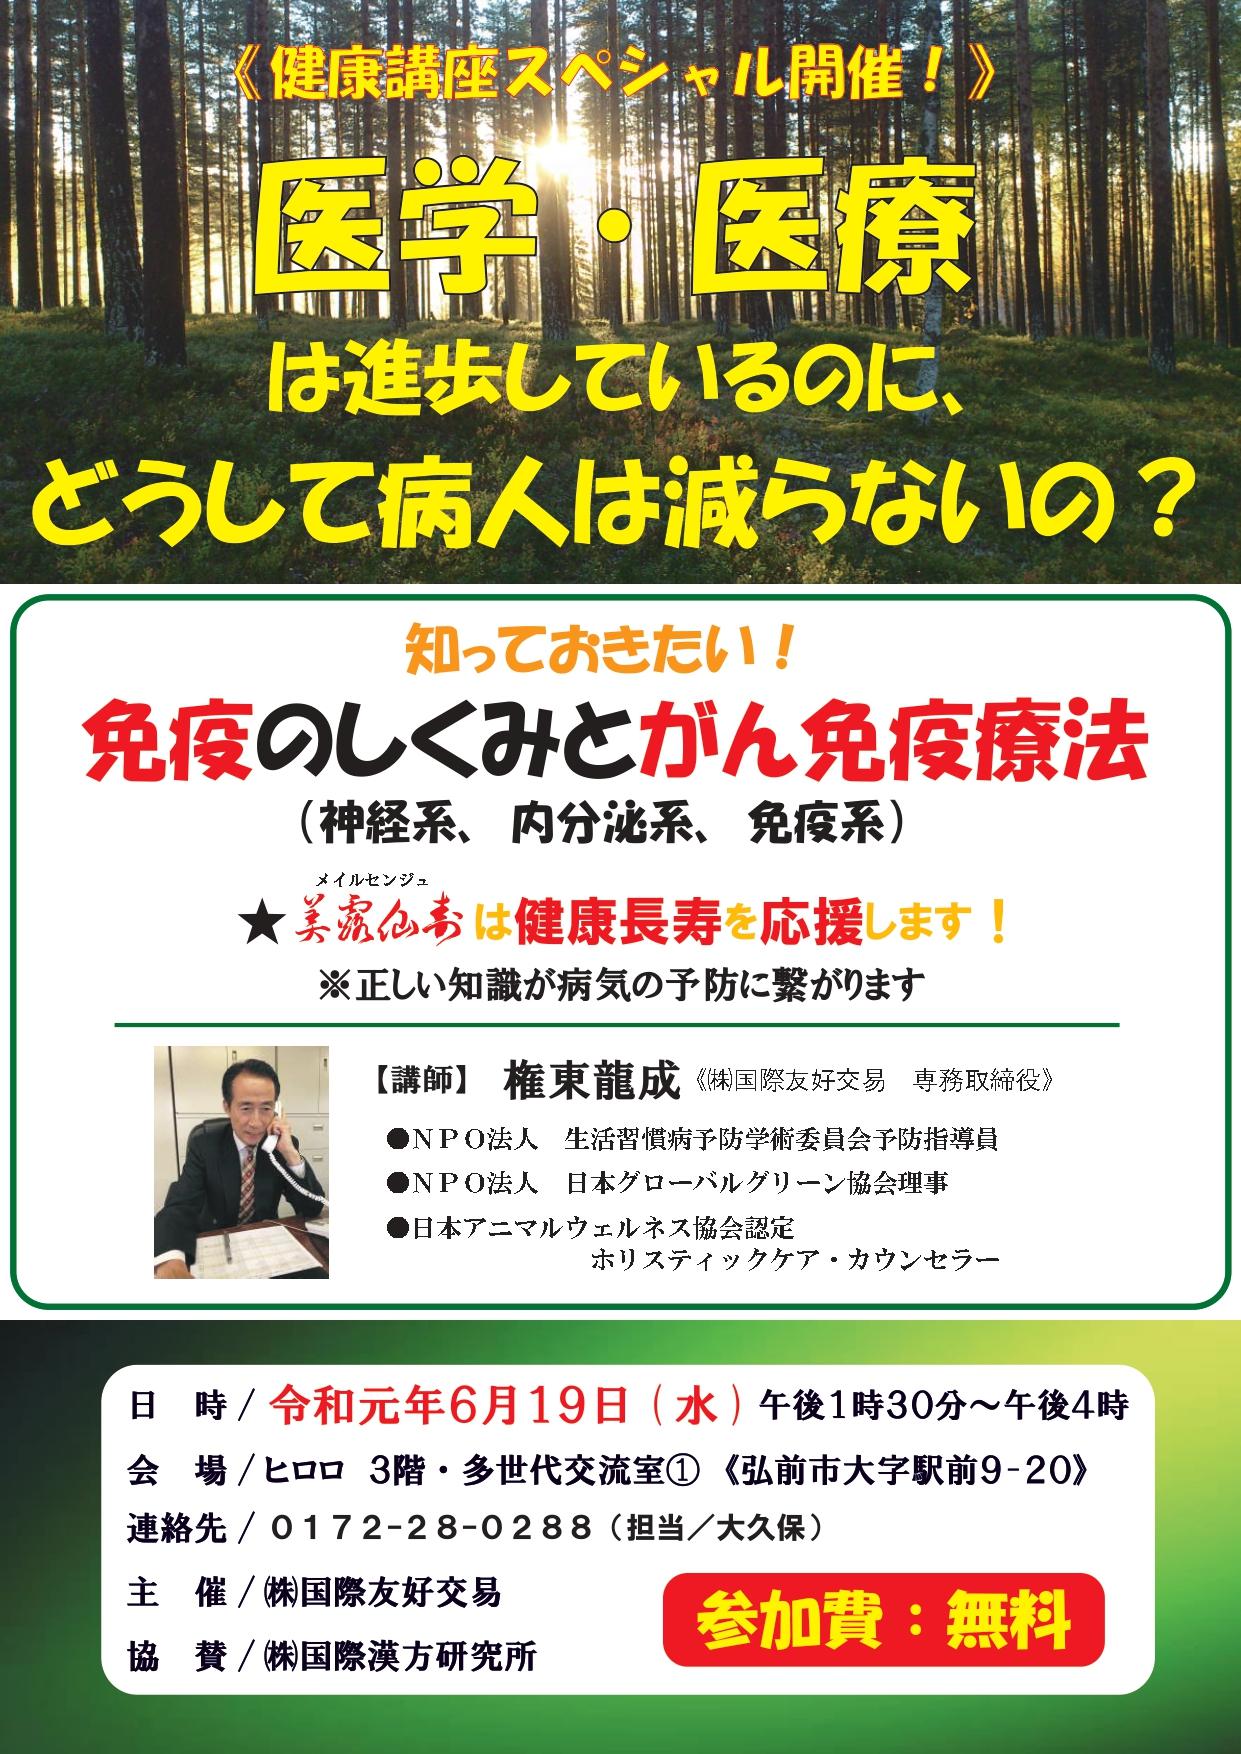 6月19日健康講座スペシャル開催!